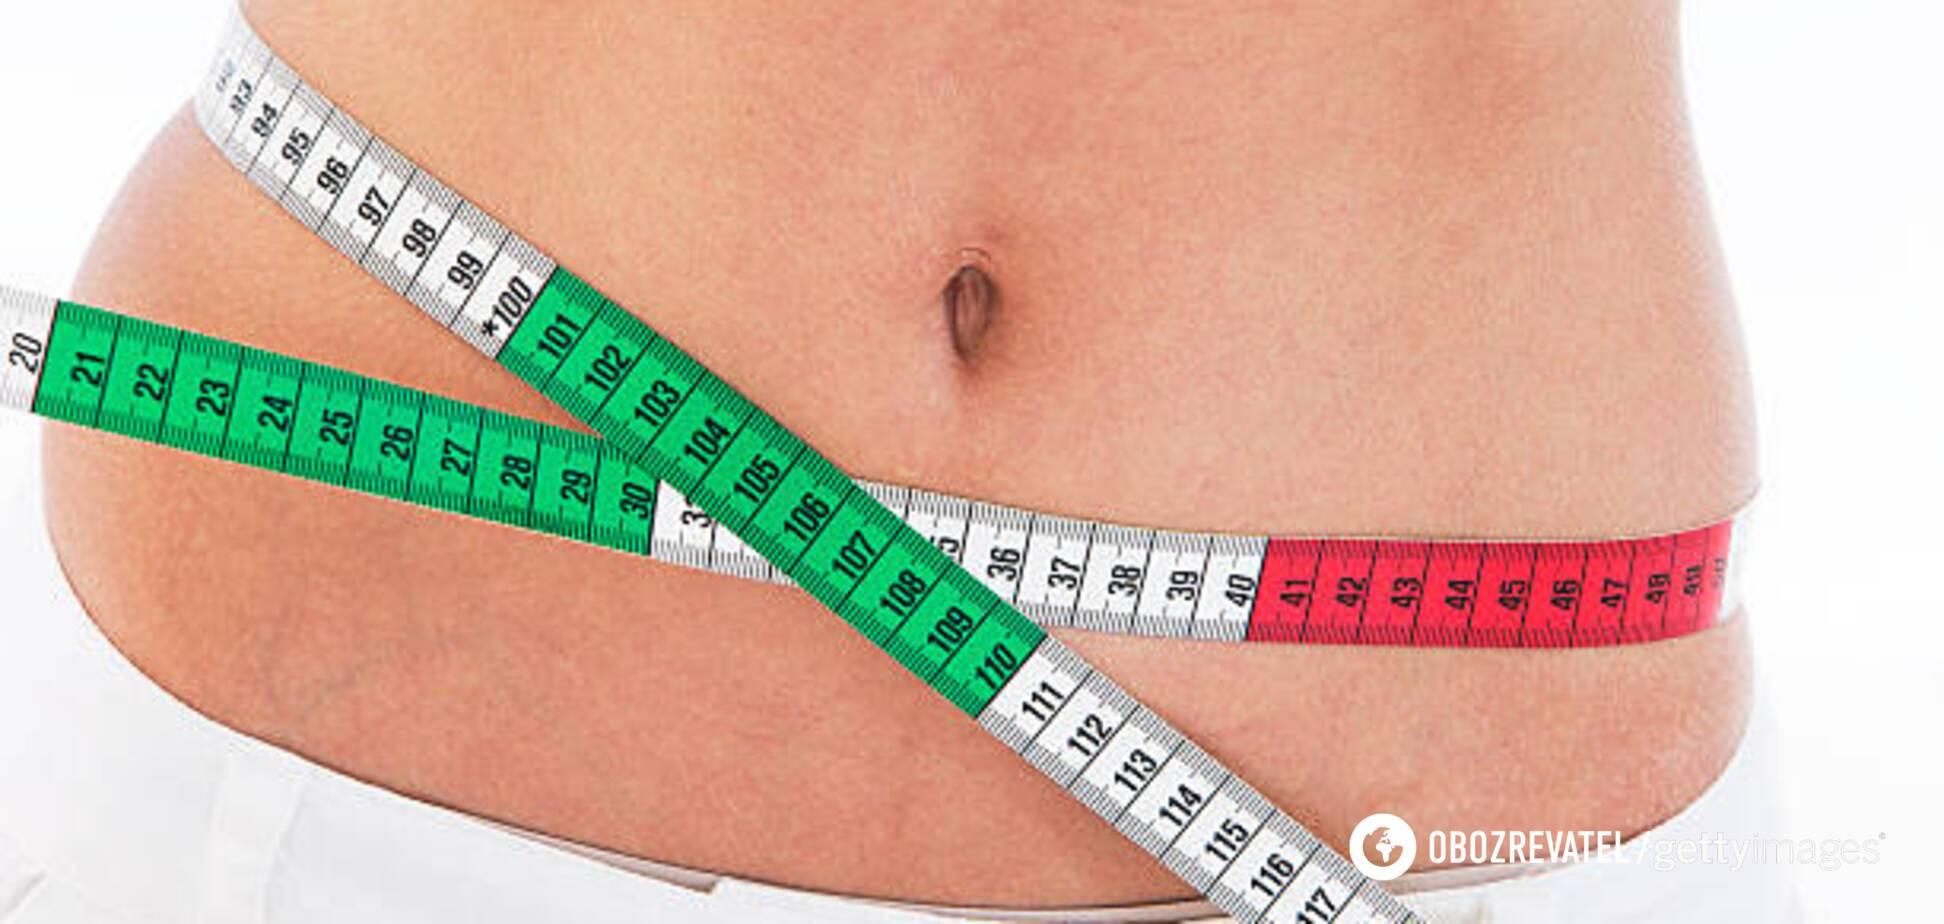 Дієта чи правильне харчування? Дієтолог розповів, в чому різниця